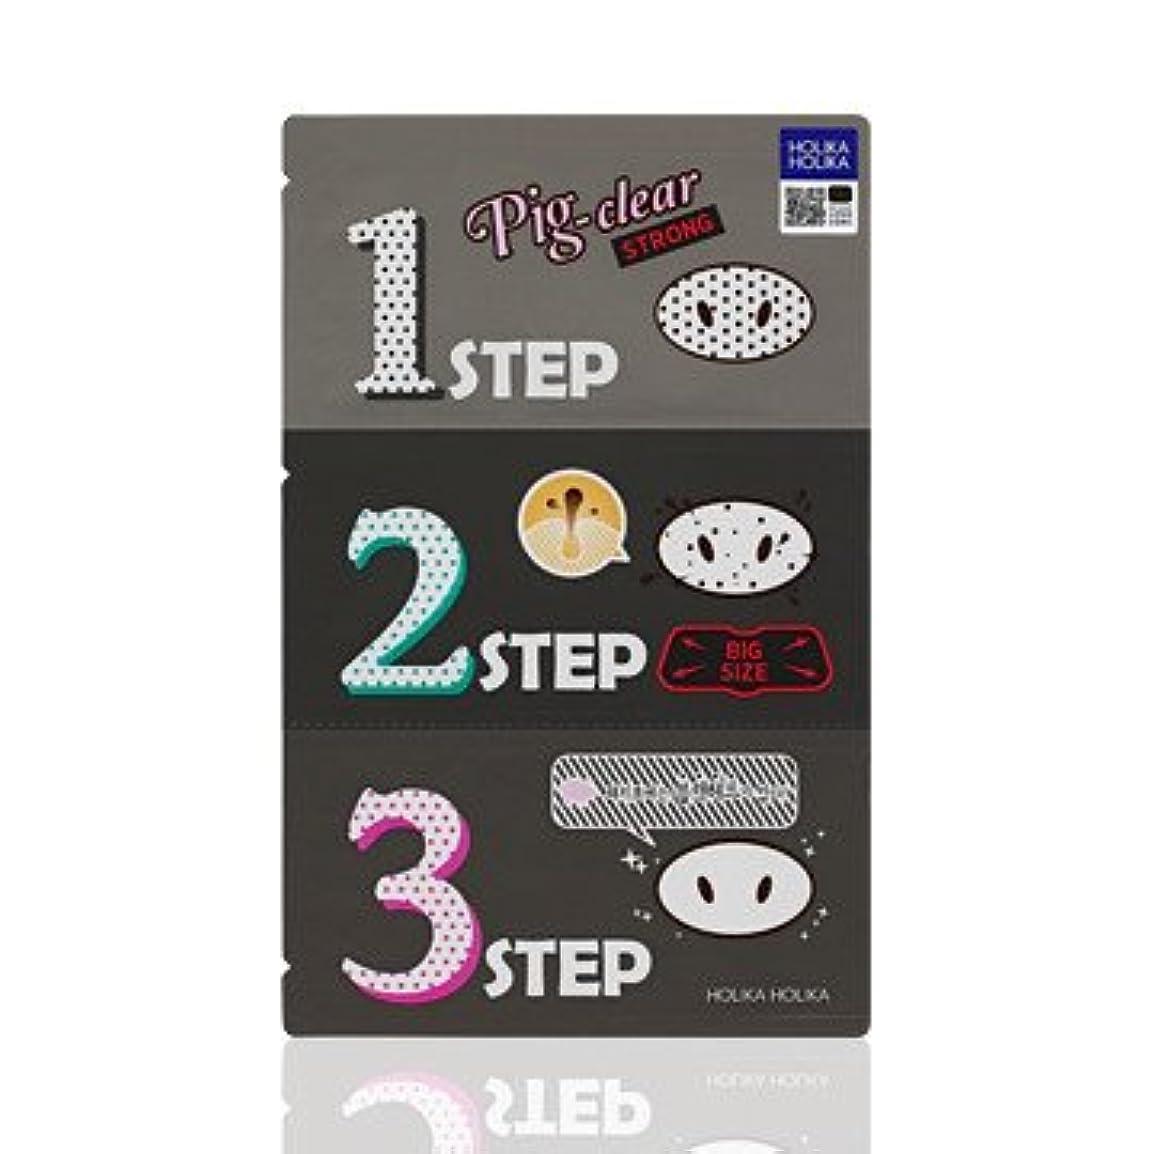 エラーファイバ出会いHolika Holika Pig Nose Clear Black Head 3-Step Kit 3EA